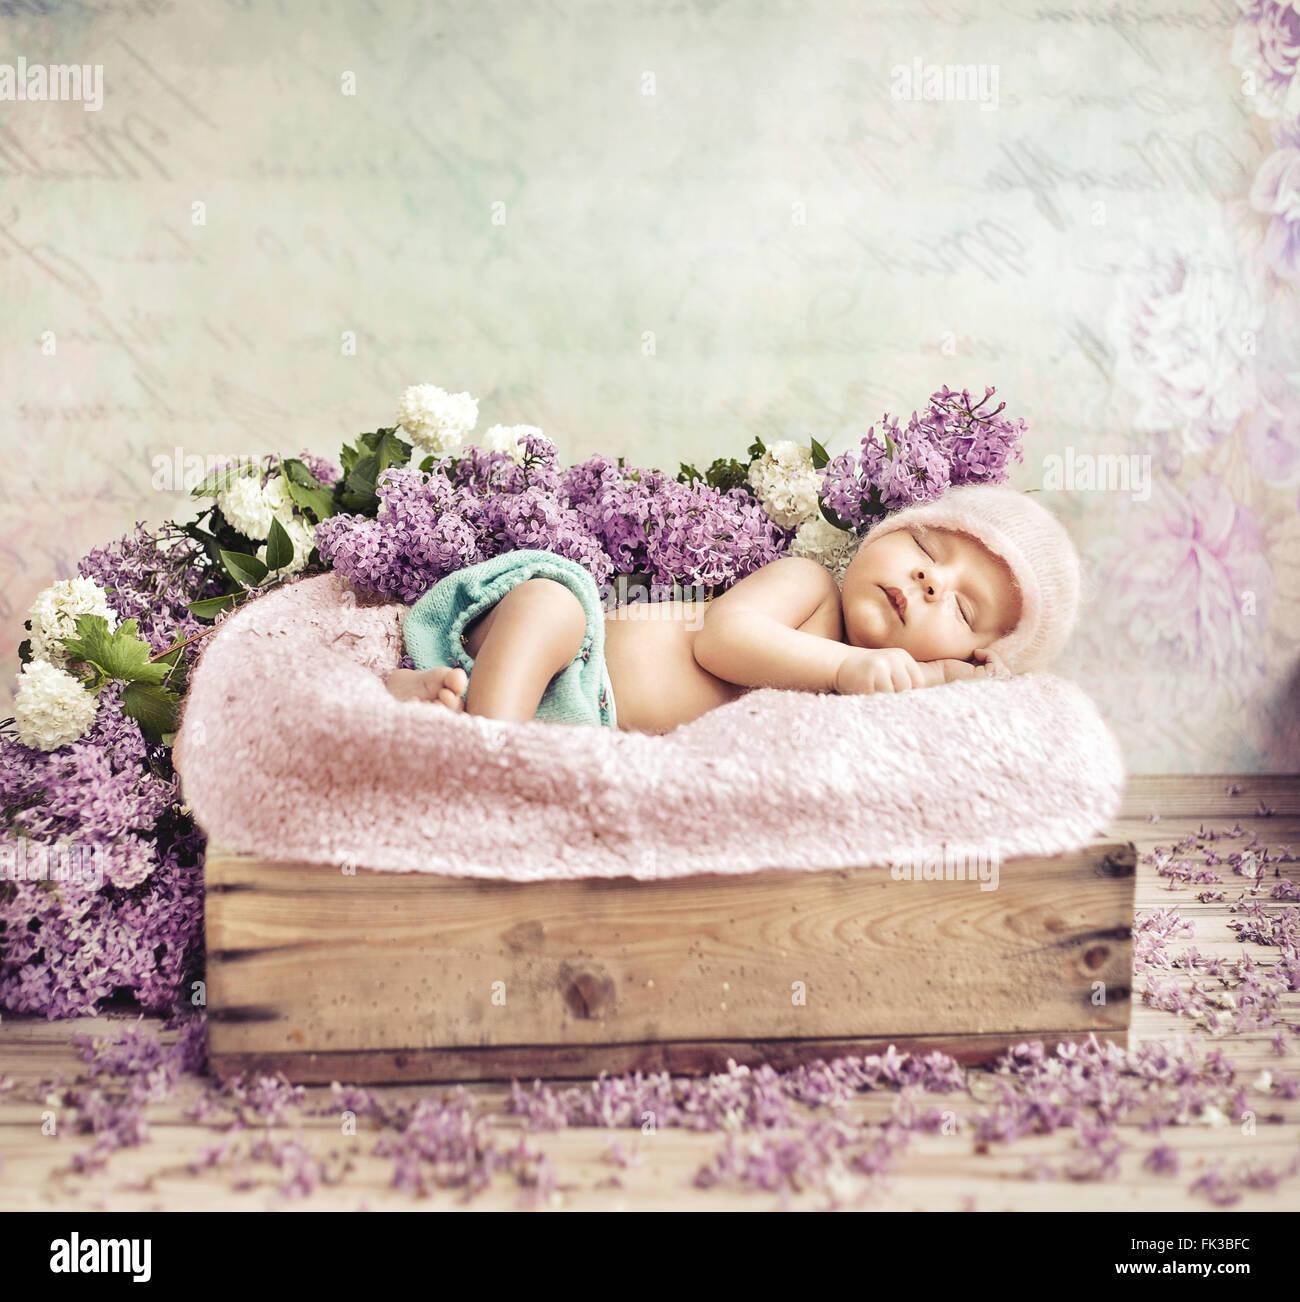 Dormire bambino giacente su fiori viola e coperta Immagini Stock